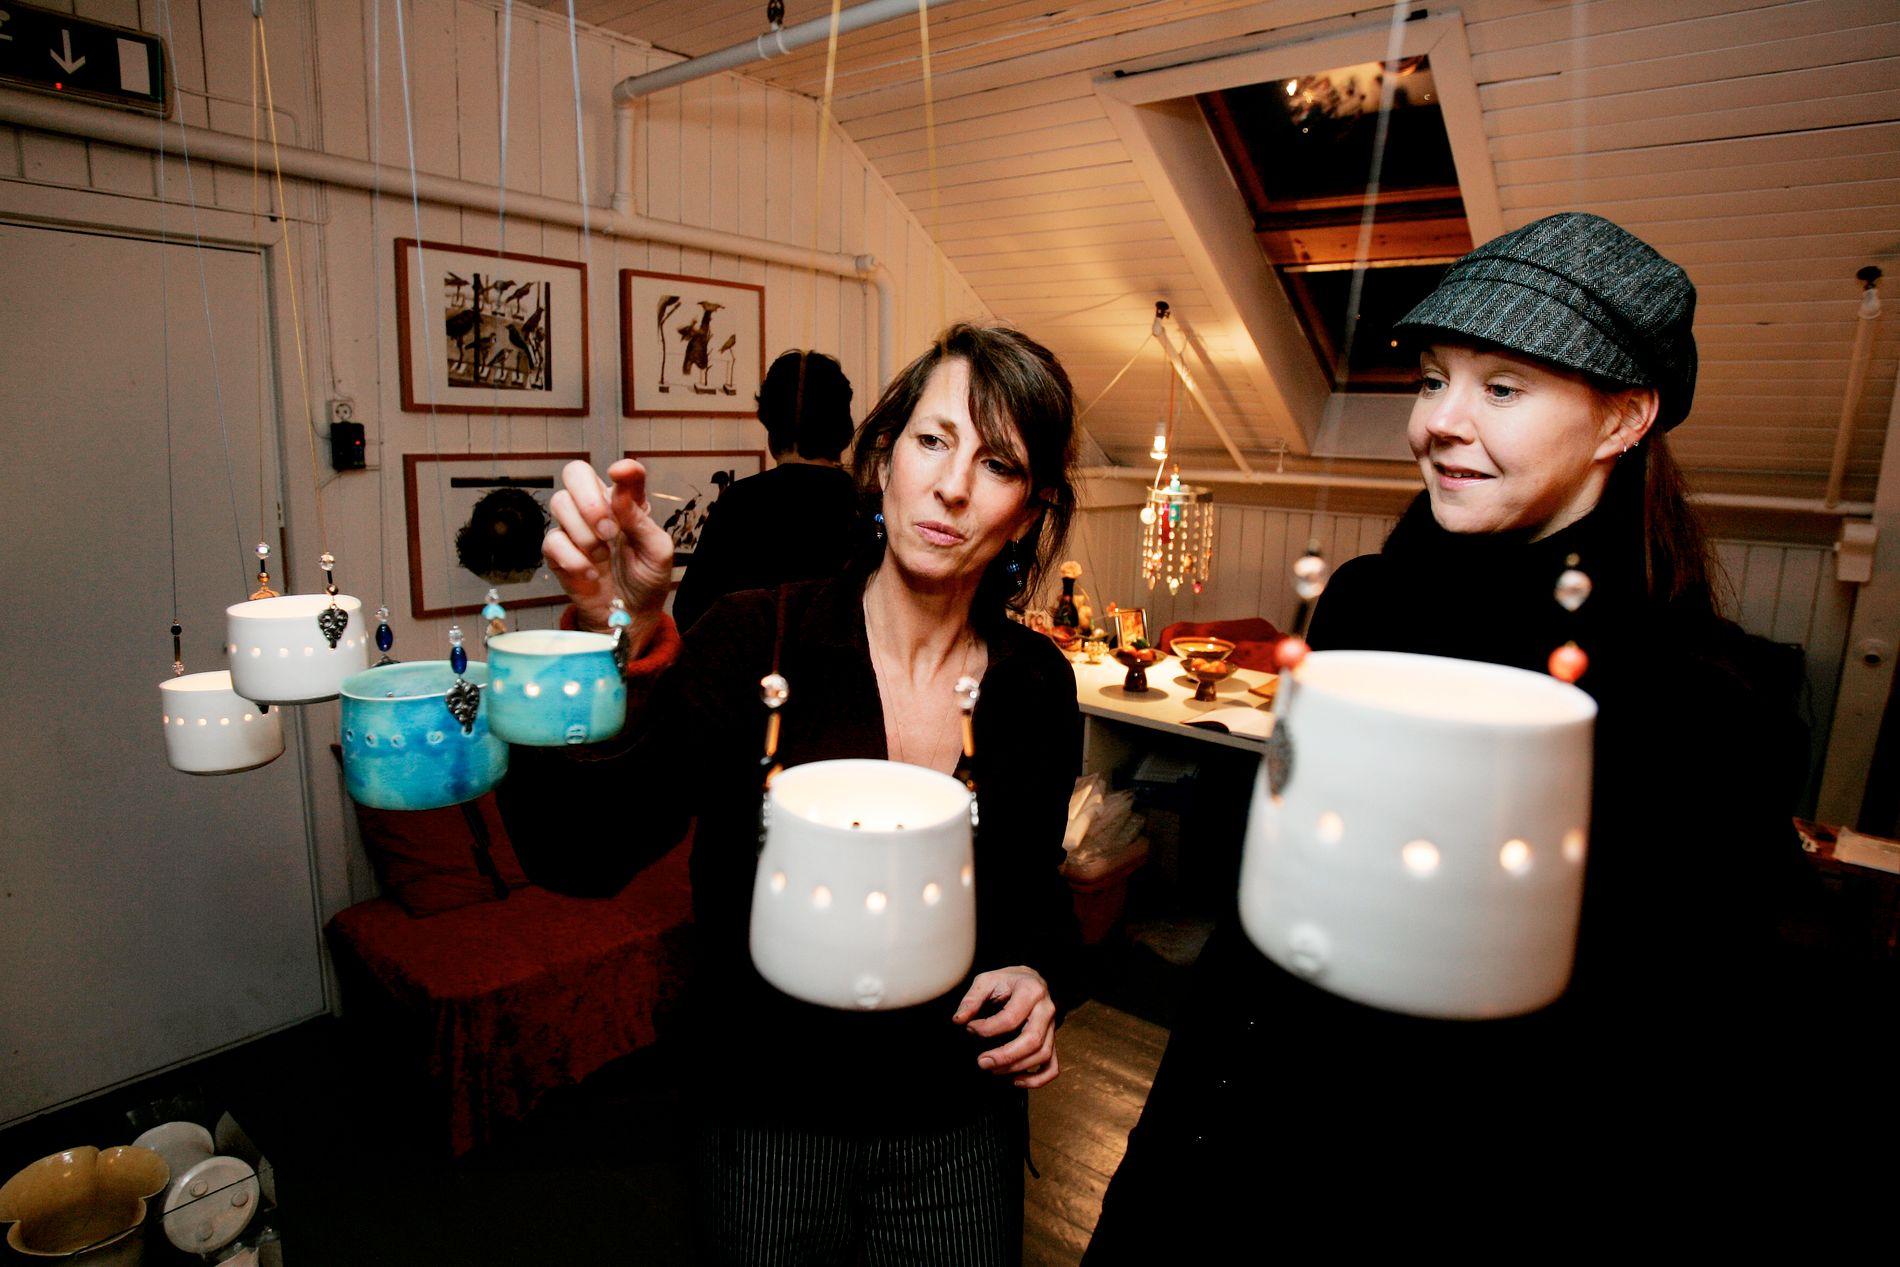 VELKOMMEN INN: Under B-open kan man besøke en rekke kunstnere i deres atelier. Her fra 2006, da Birgitte Brühl (til v.) tok imot Inger Hilde Zahl og andre gjester.